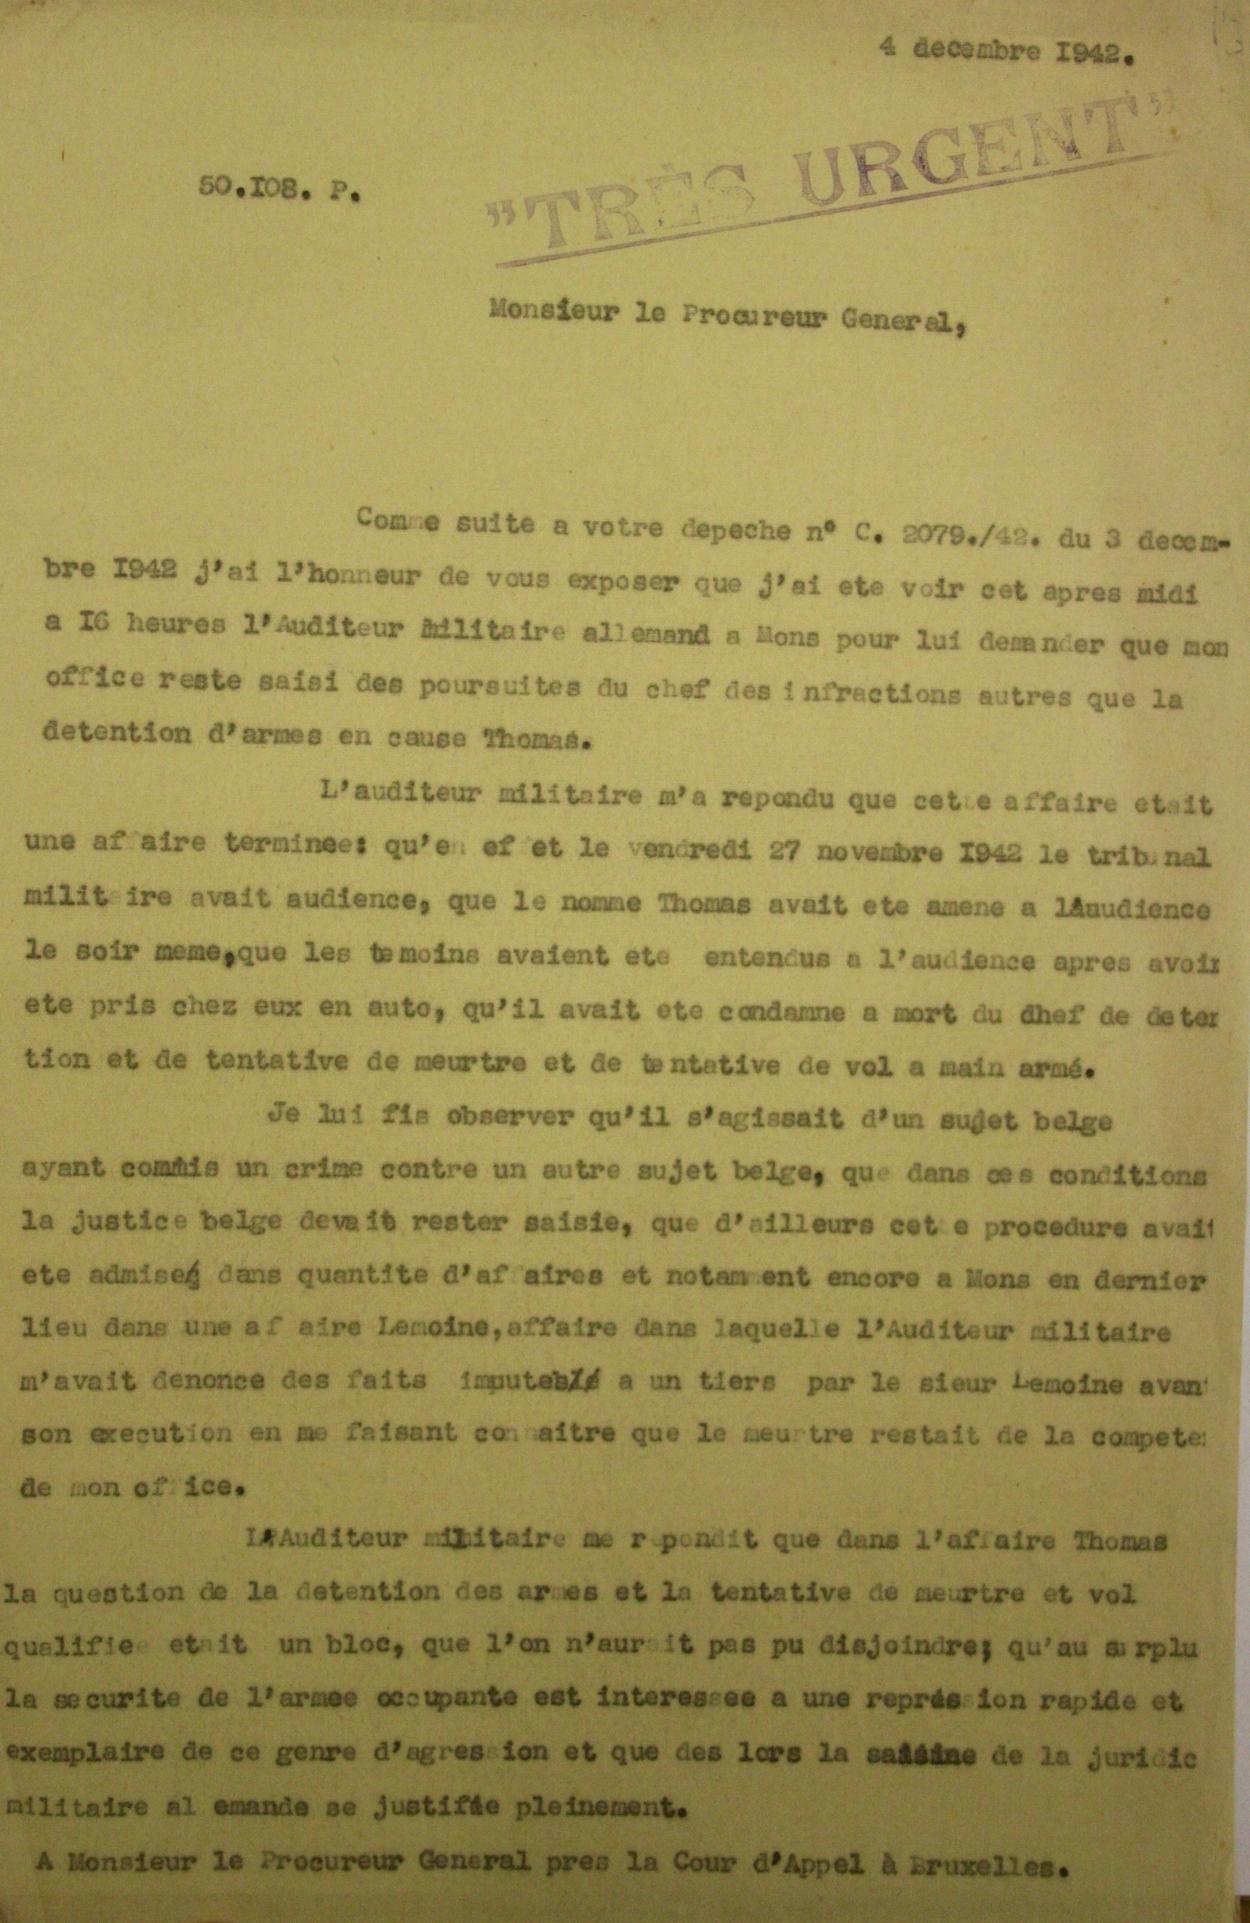 agr-mons-t-h-lettre-4-12-1942-2(2).jpg